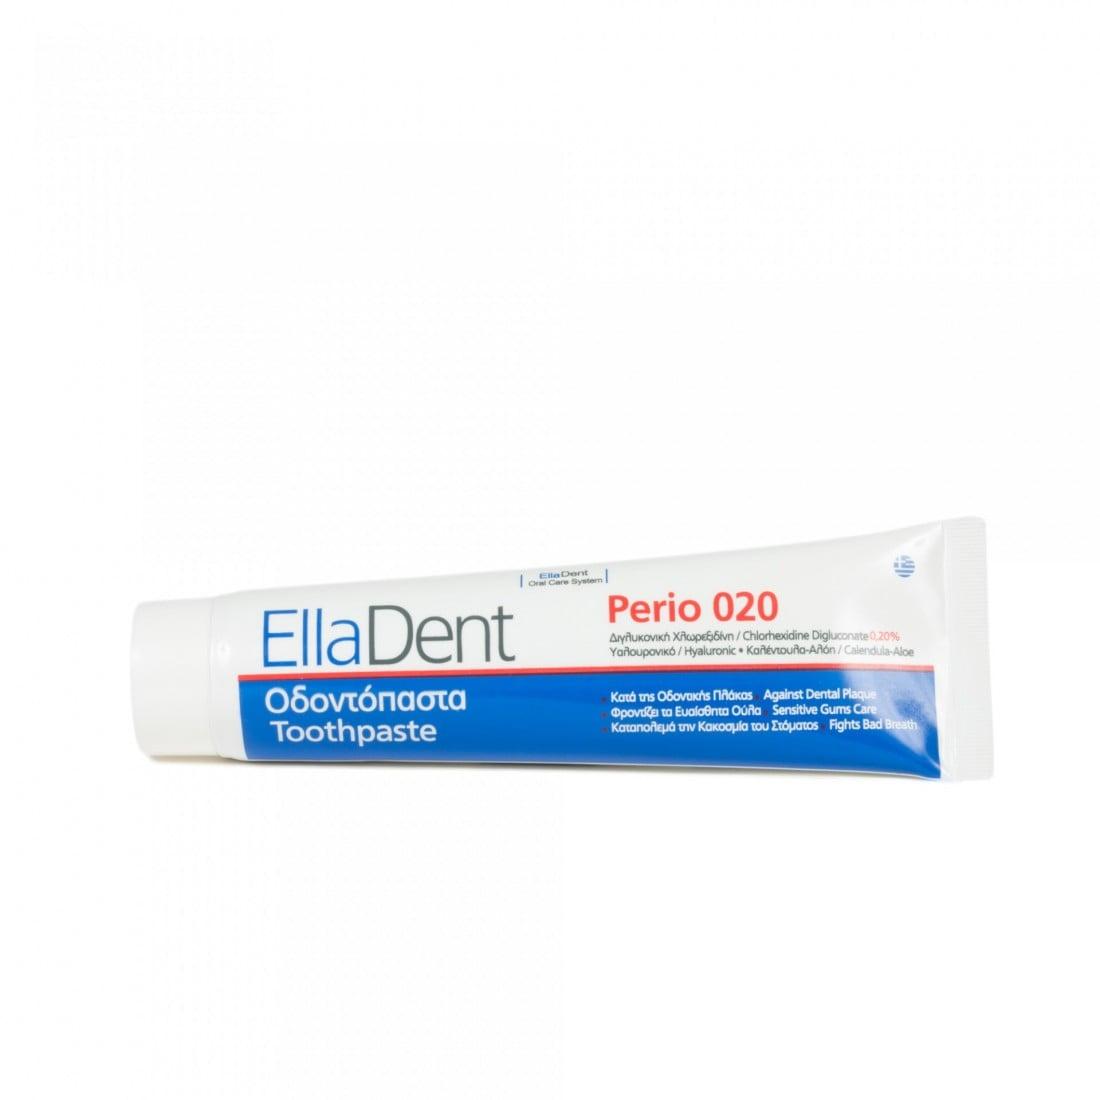 EllaDentPerio 020Οδοντόκρεμα κατά της οδοντικής πλάκας & γιατην άμεση ανακούφιση από ερεθισμούς & φλεγμονές στη στοματική κοιλότητα, 75ml